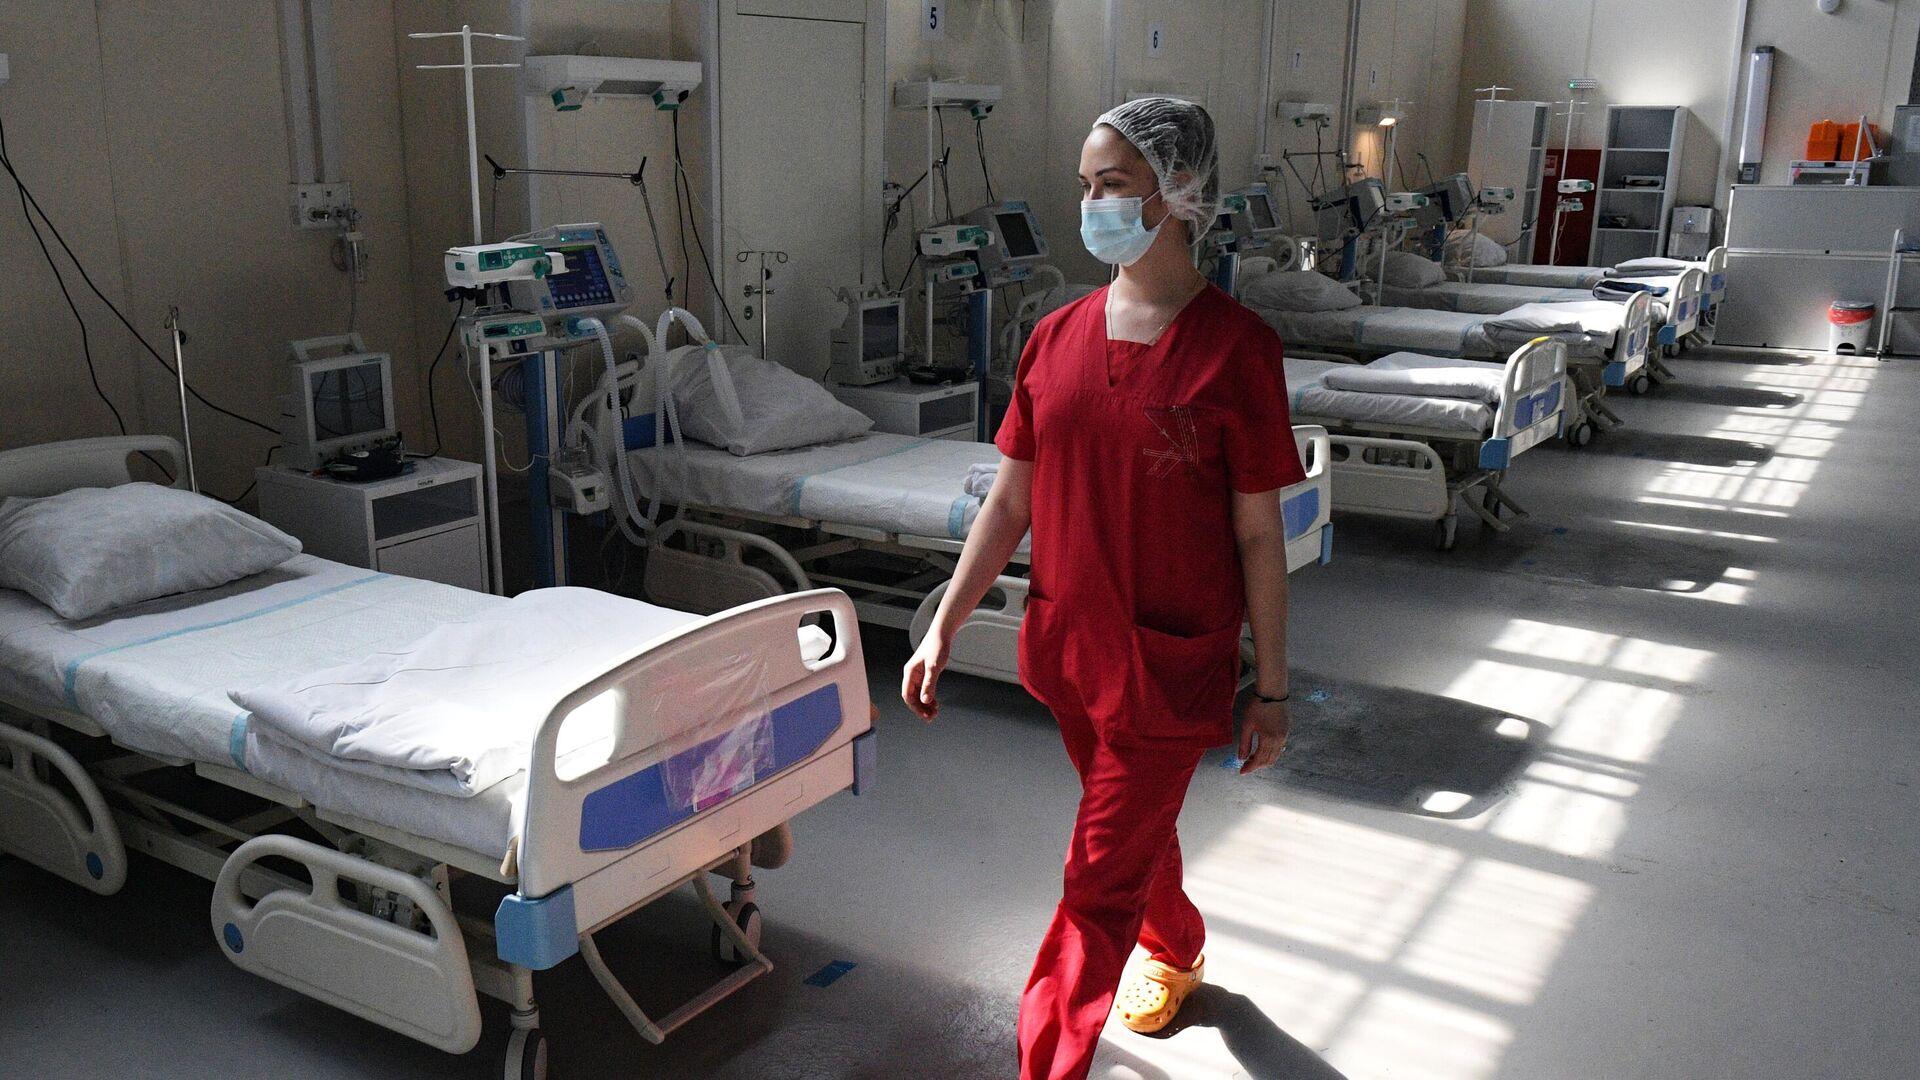 Медицинский работник в отделении реанимации и интенсивной терапии в госпитале Ленэкспо в Санкт-Петербурге - РИА Новости, 1920, 26.05.2021